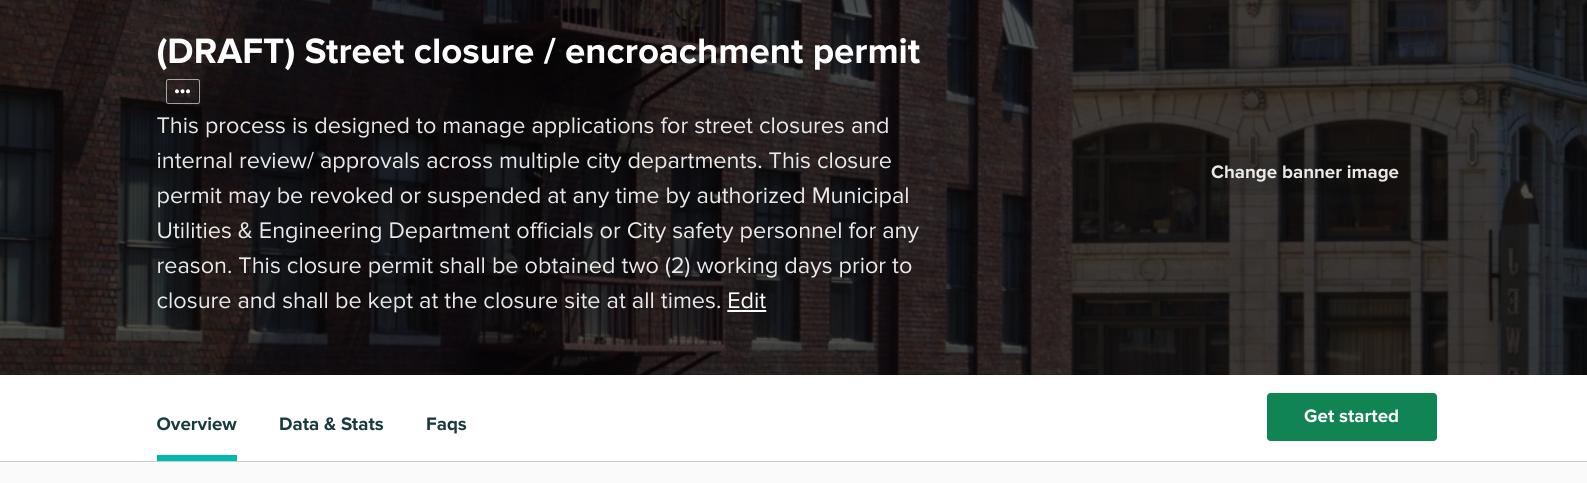 Street Closure/ encroachment permit overview description